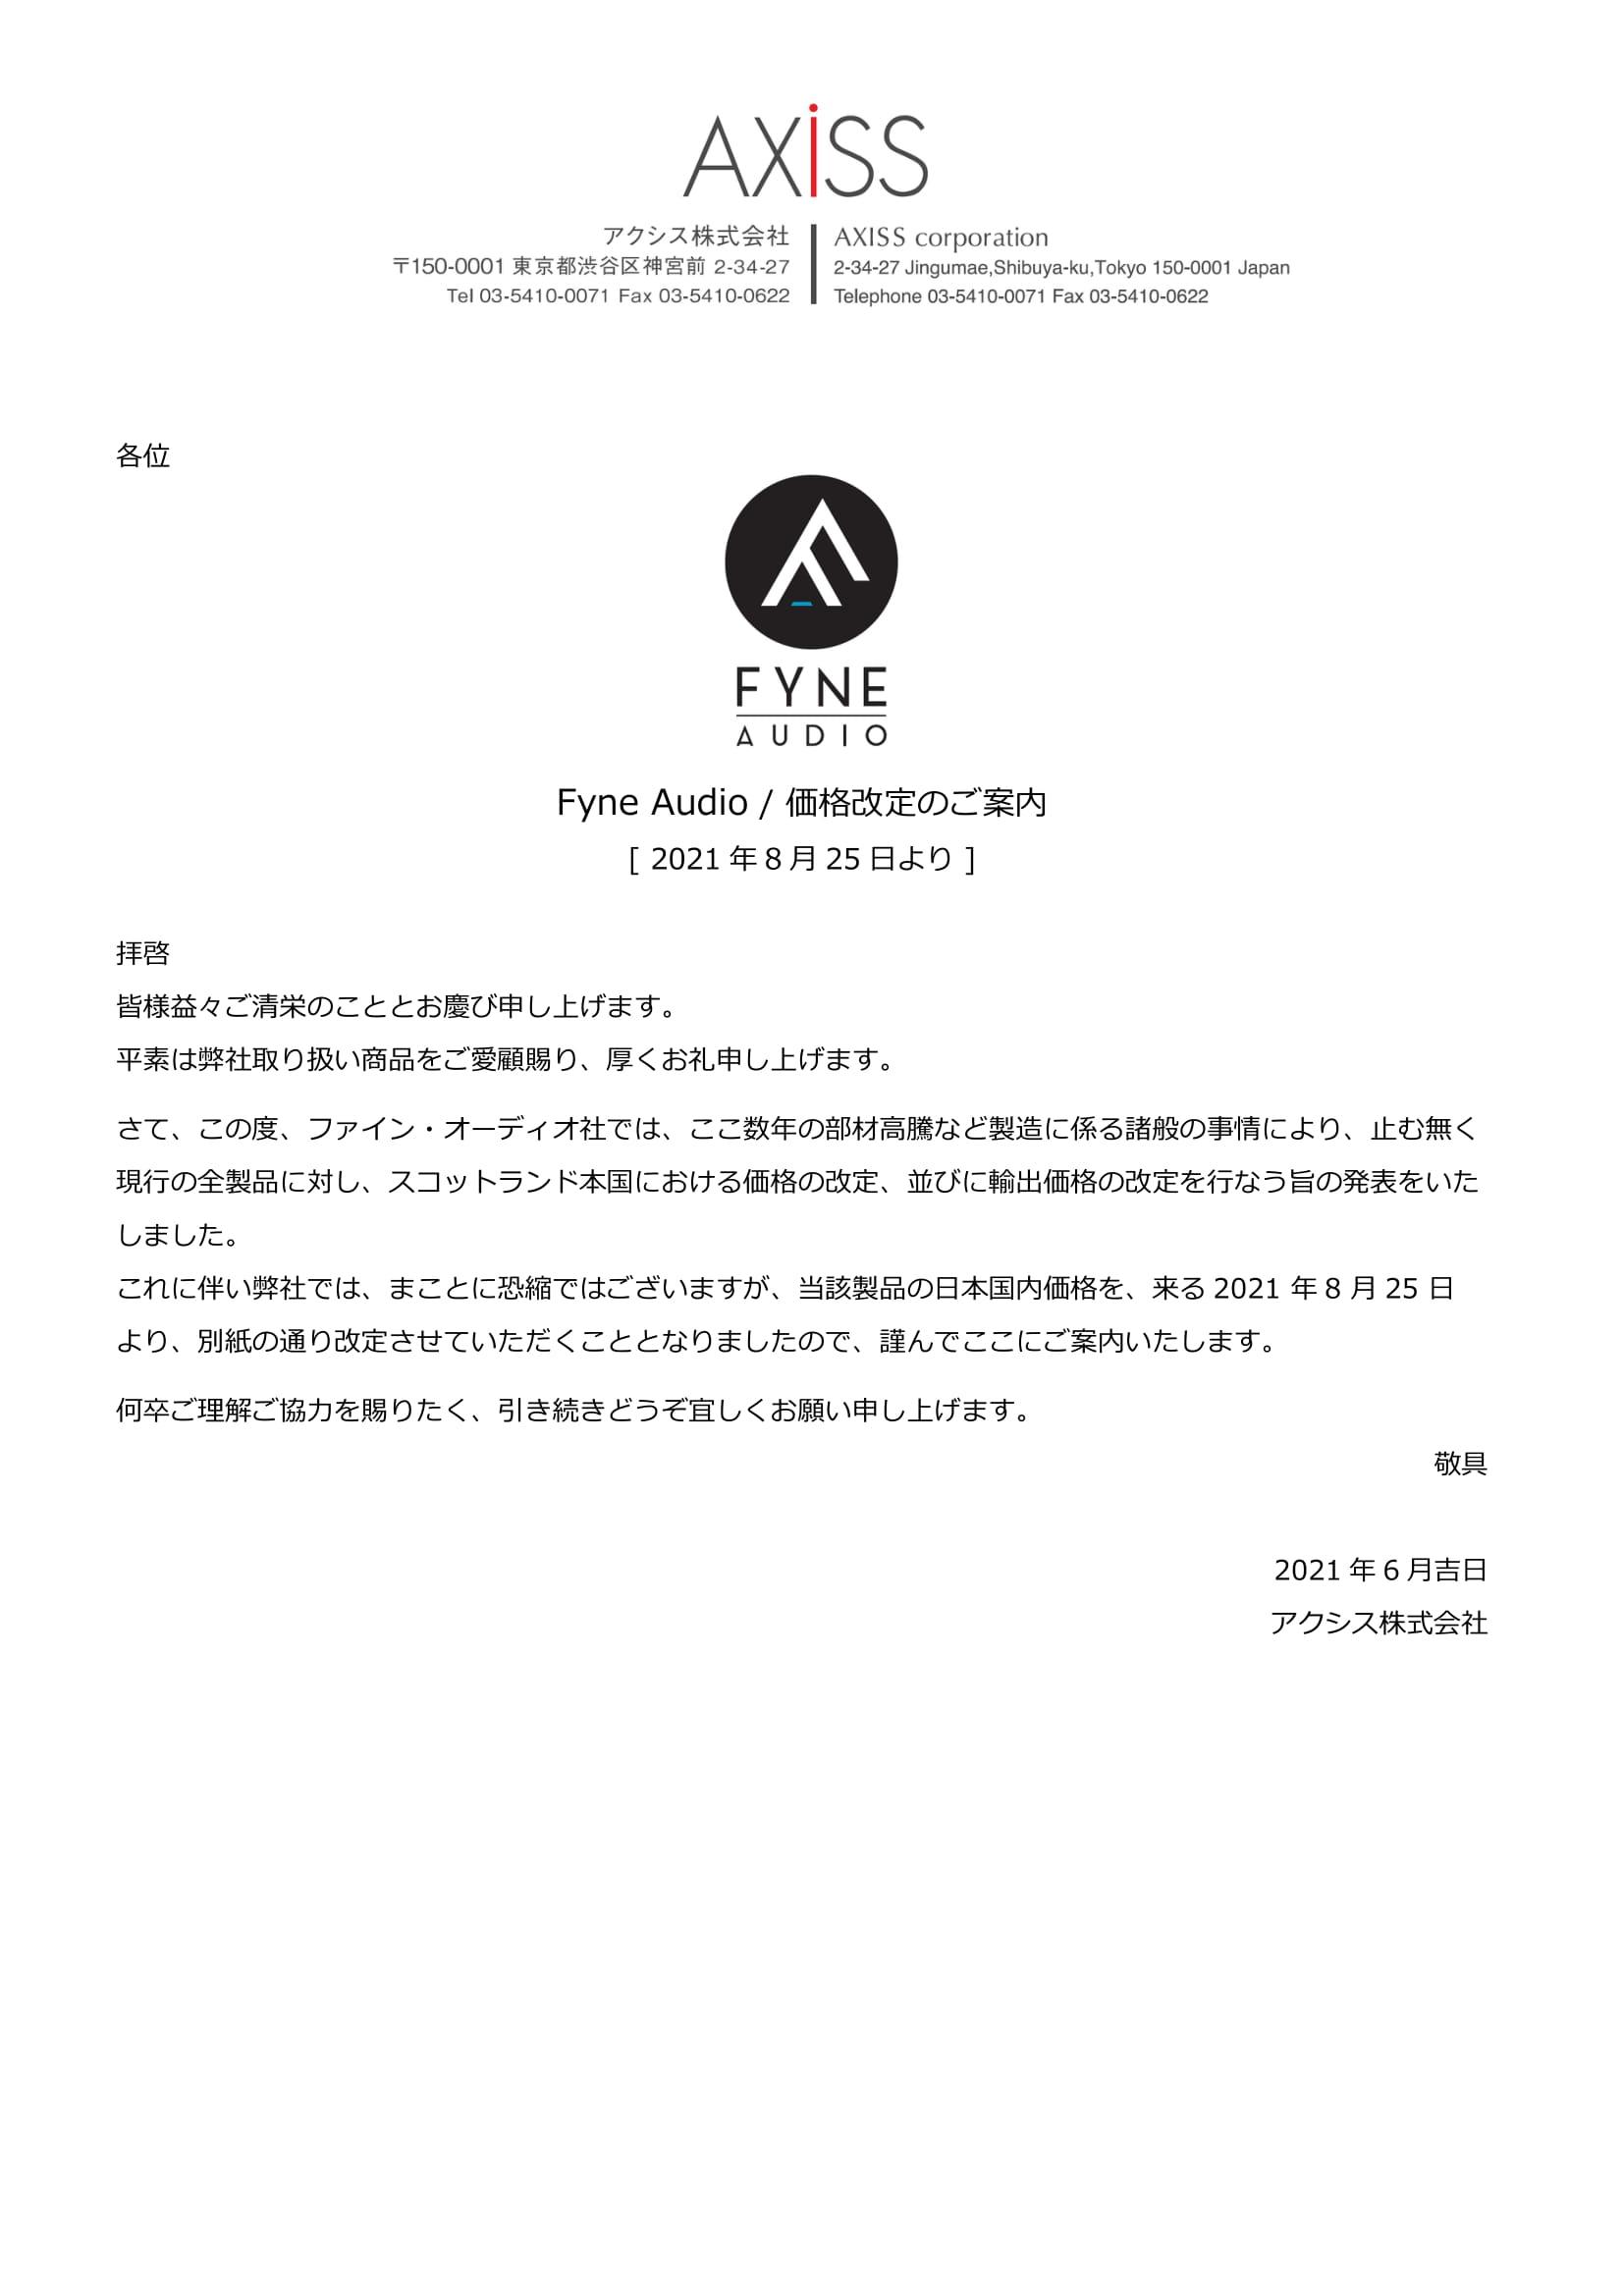 FyneAudio価格改定20210825実施分-1